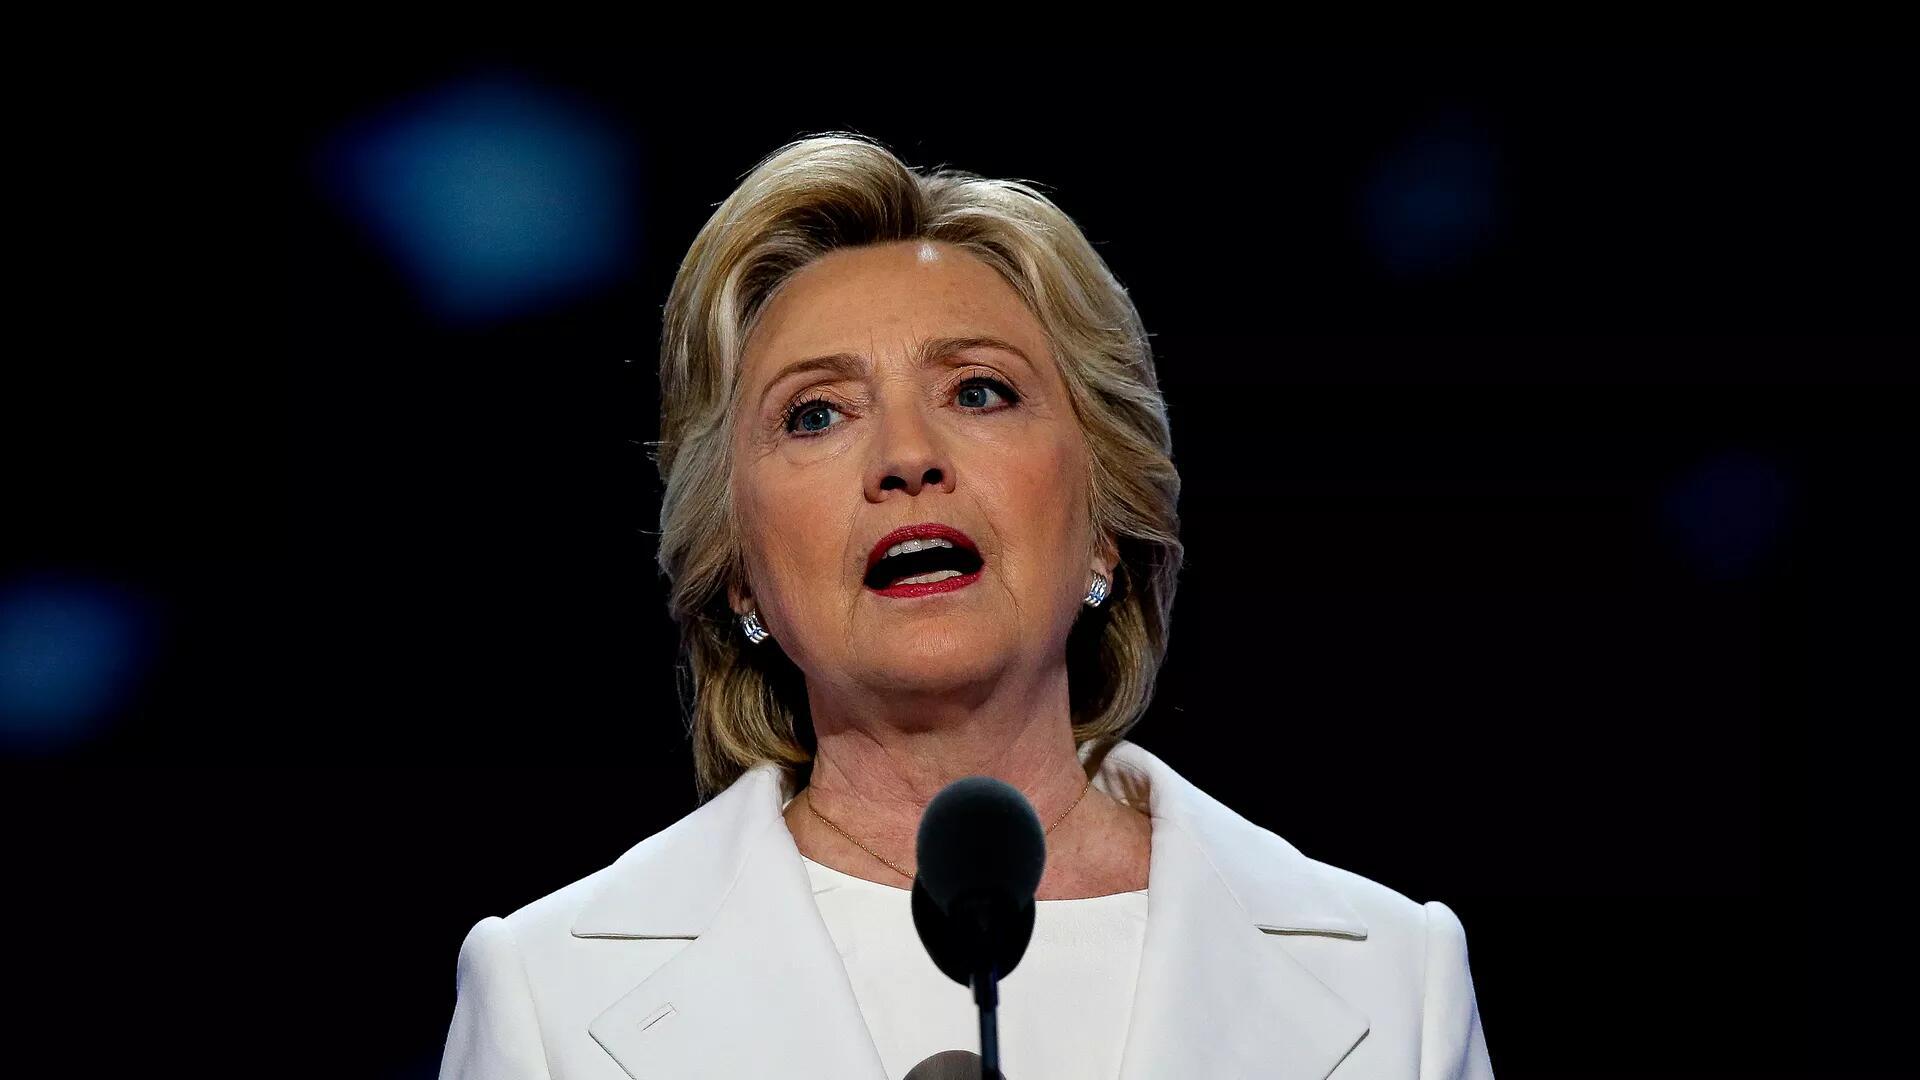 希拉里:我本希望特朗普成为一位更好的总统